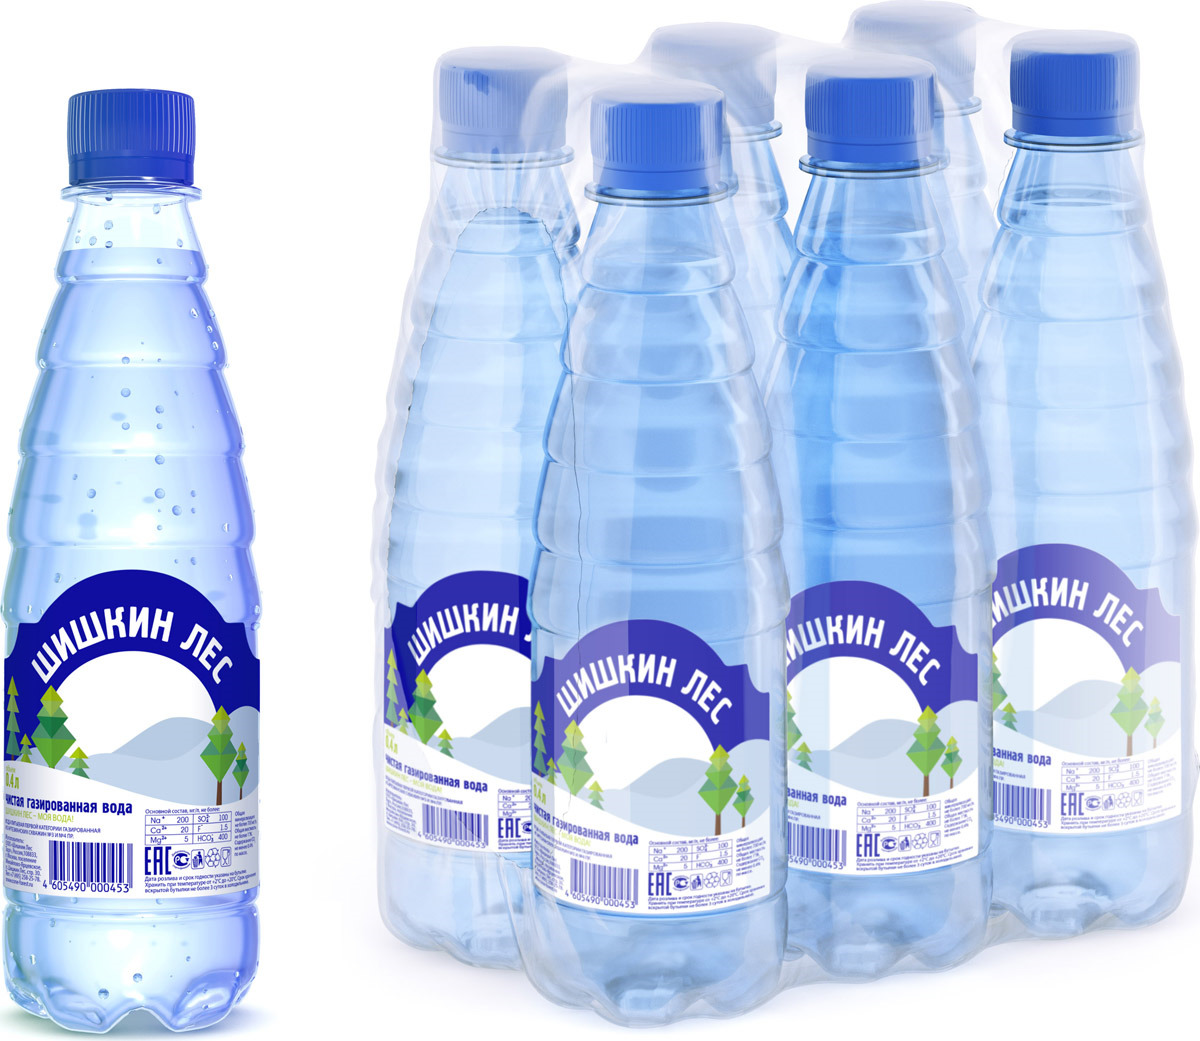 Шишкин лес вода питьевая газированная, 6 шт по 0,4 л